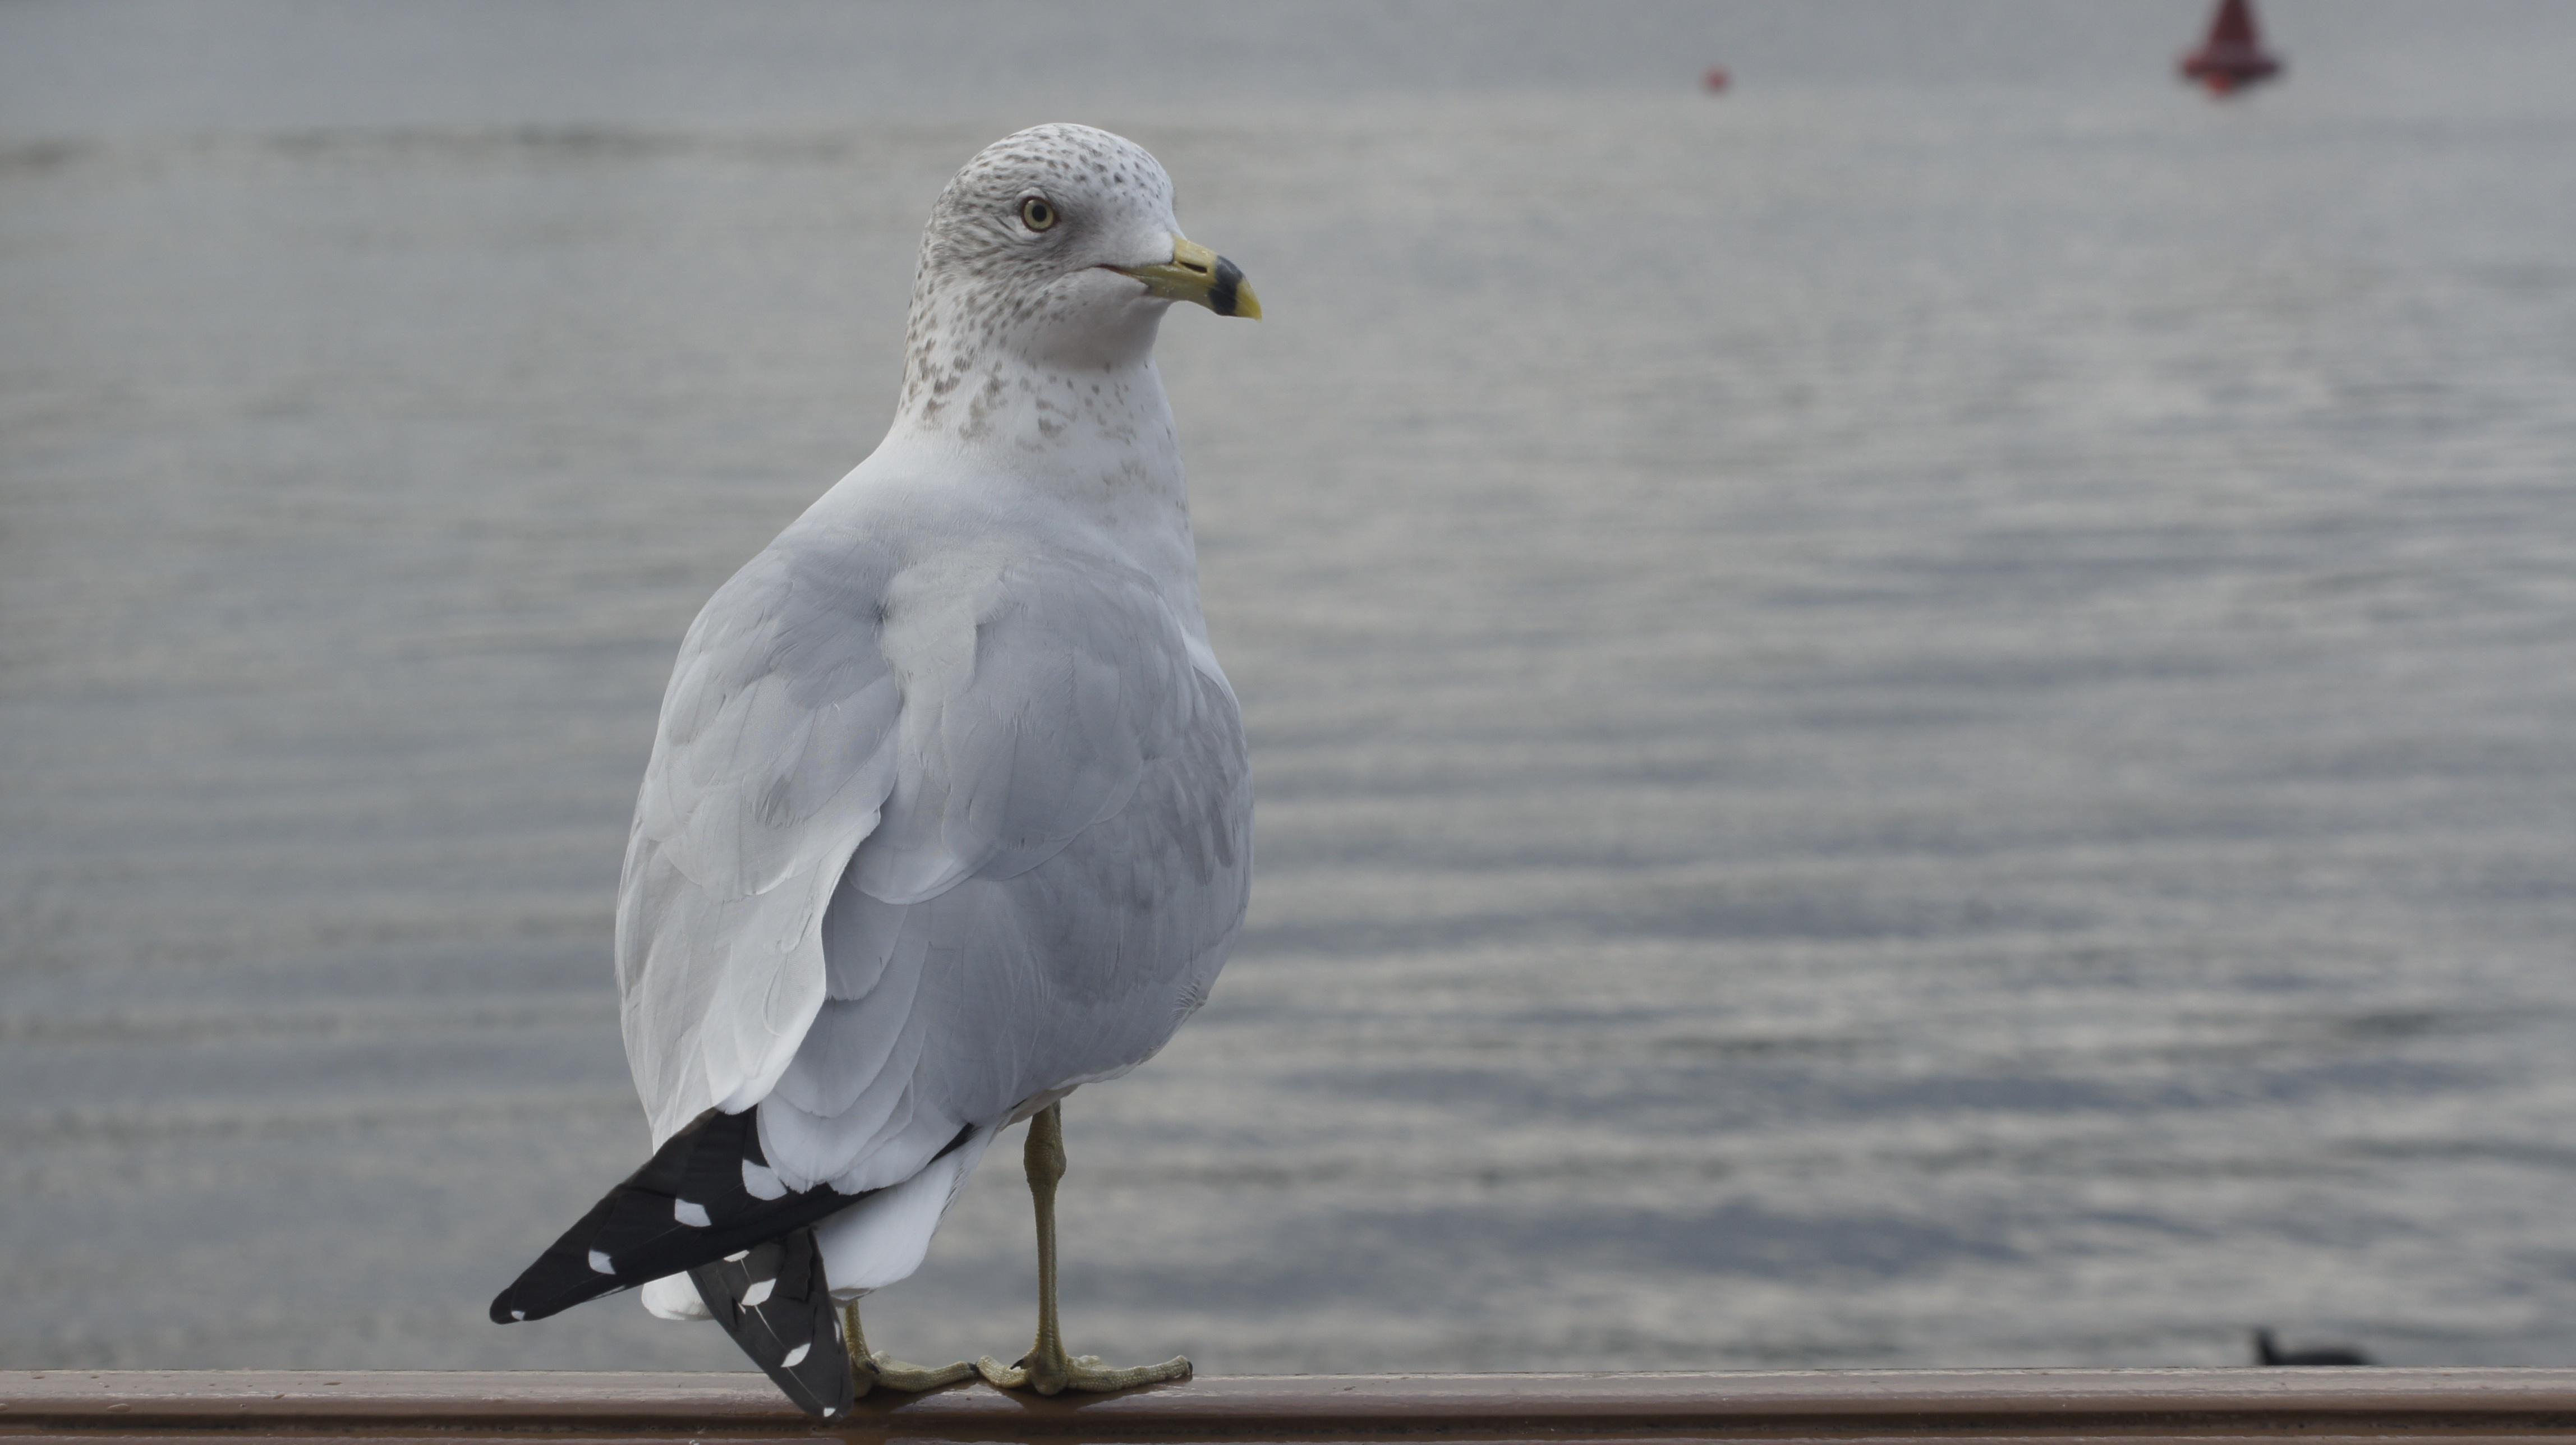 картинки чайка и новый год никогда жаловался плохое